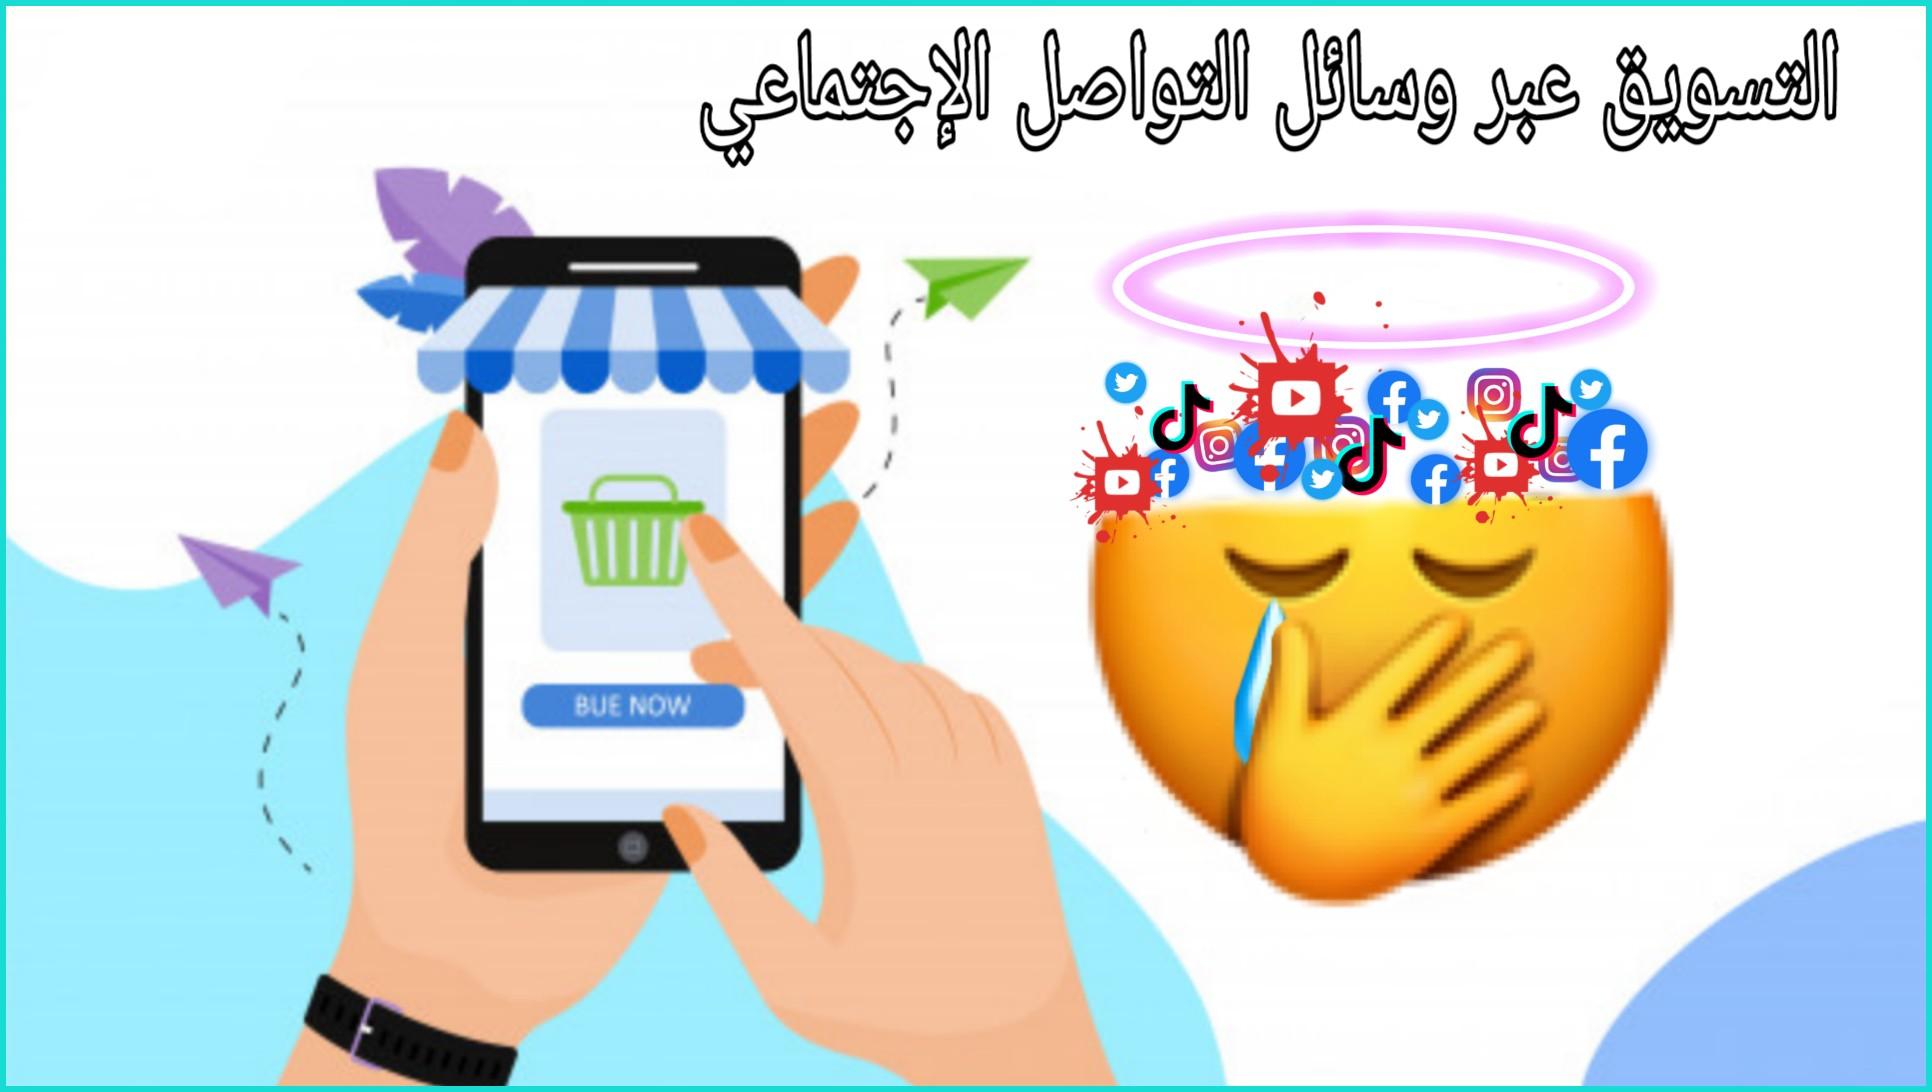 التسويق عبر وسائل التواصل الإجتماعي